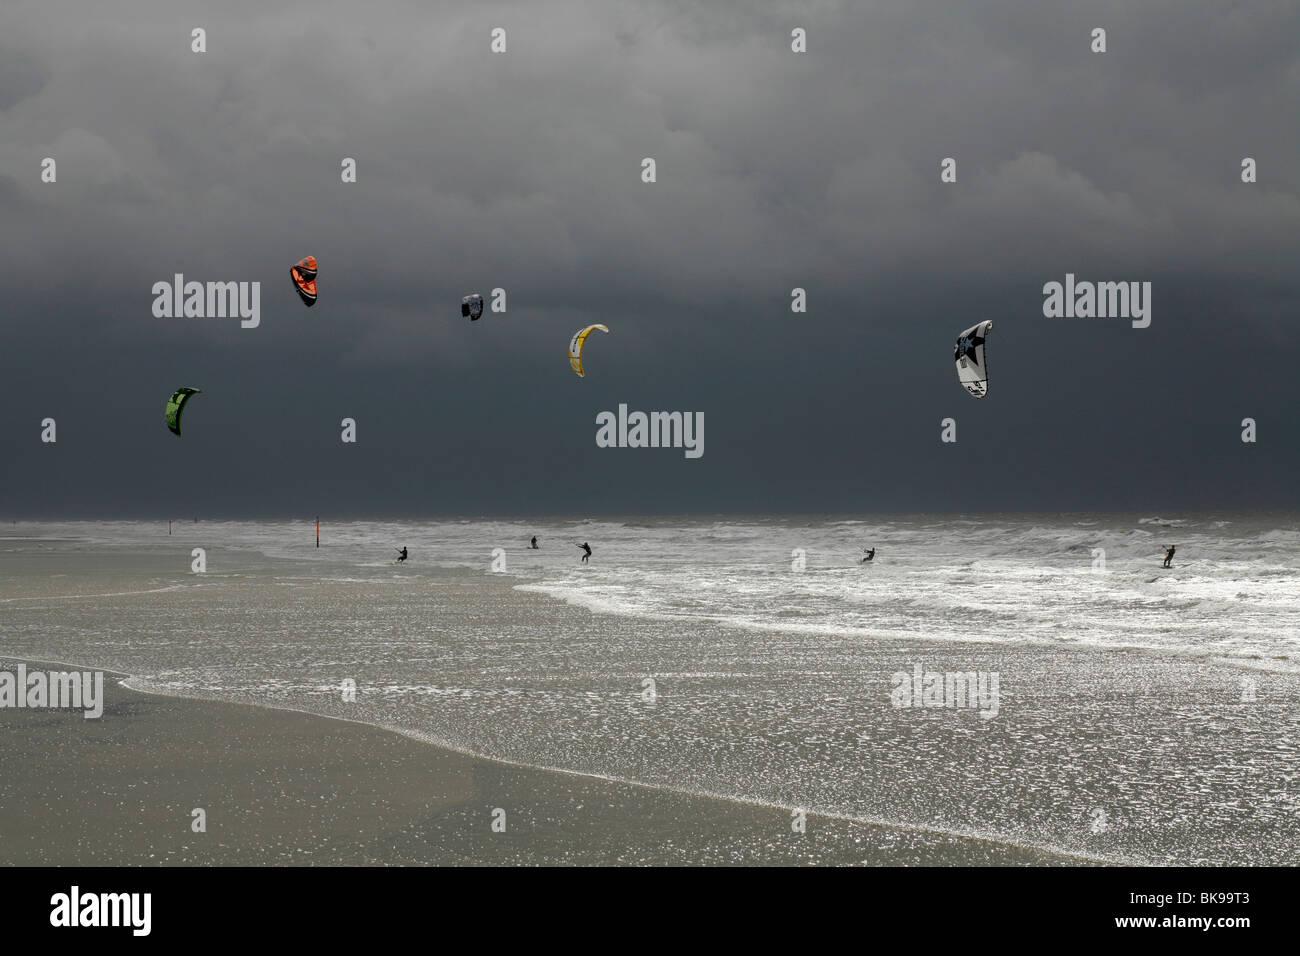 Kitesurf durante una tormenta en el Mar del Norte, San Pedro Ording, Schleswig-Holstein, Alemania, Europa Imagen De Stock